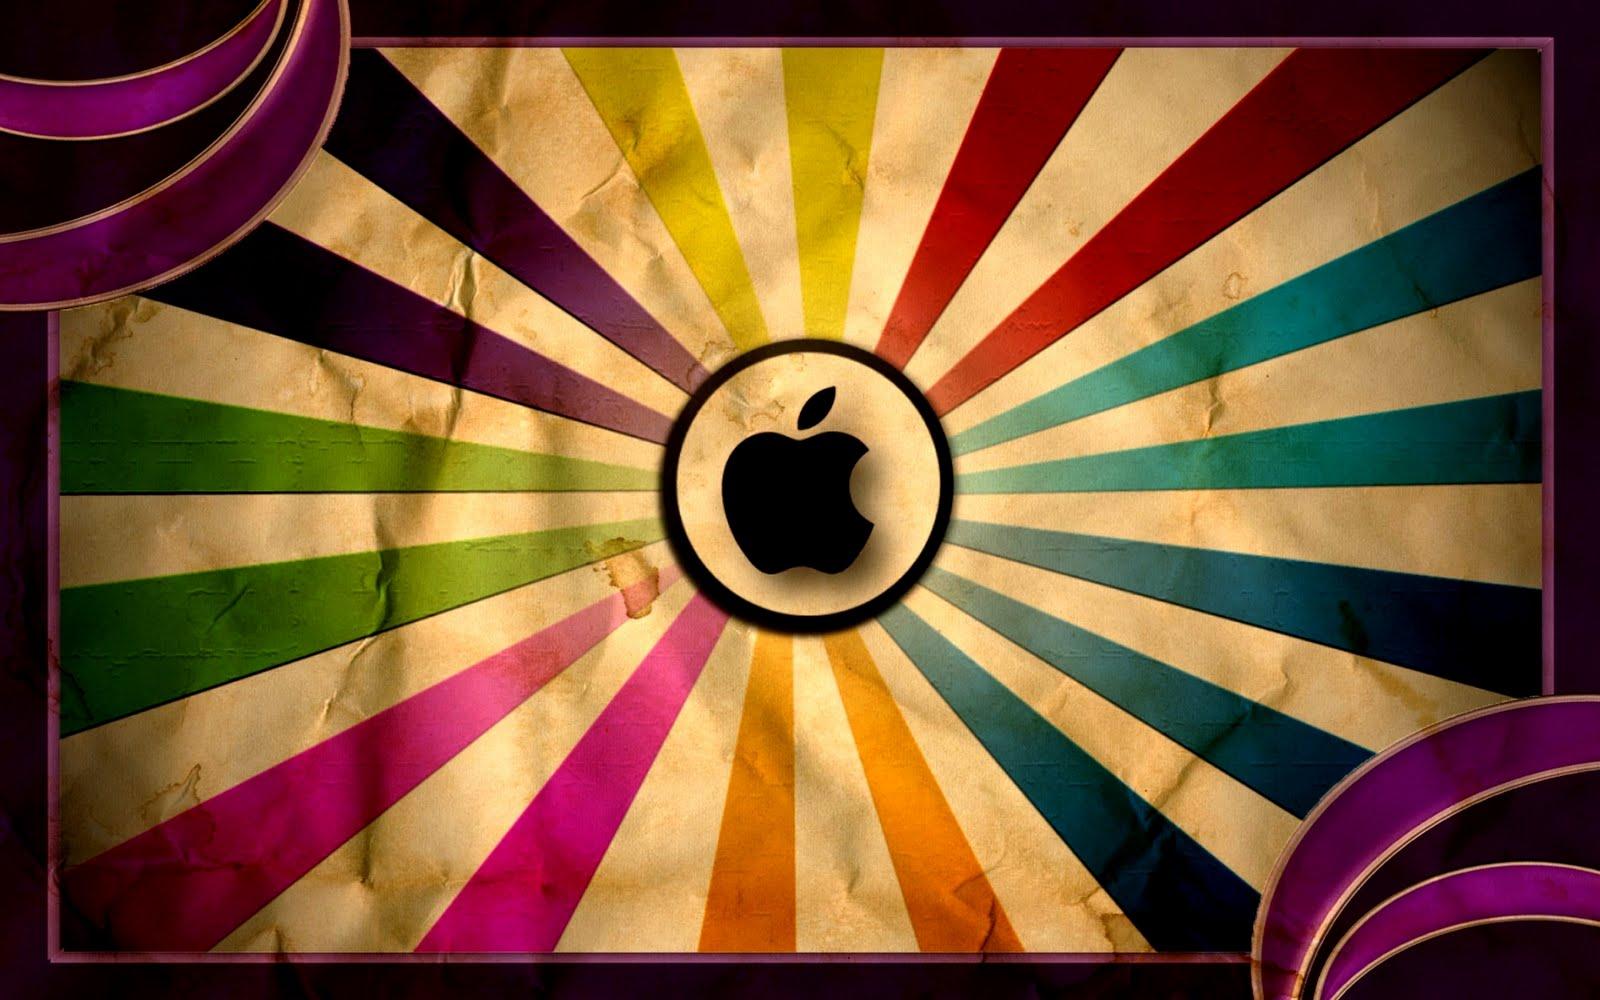 http://2.bp.blogspot.com/-EDKhfCYH93o/Tcn0CcpvU8I/AAAAAAAACLs/ieQ1bb-8-KQ/s1600/apple-wallpaper-1920x1200-0911090.jpg